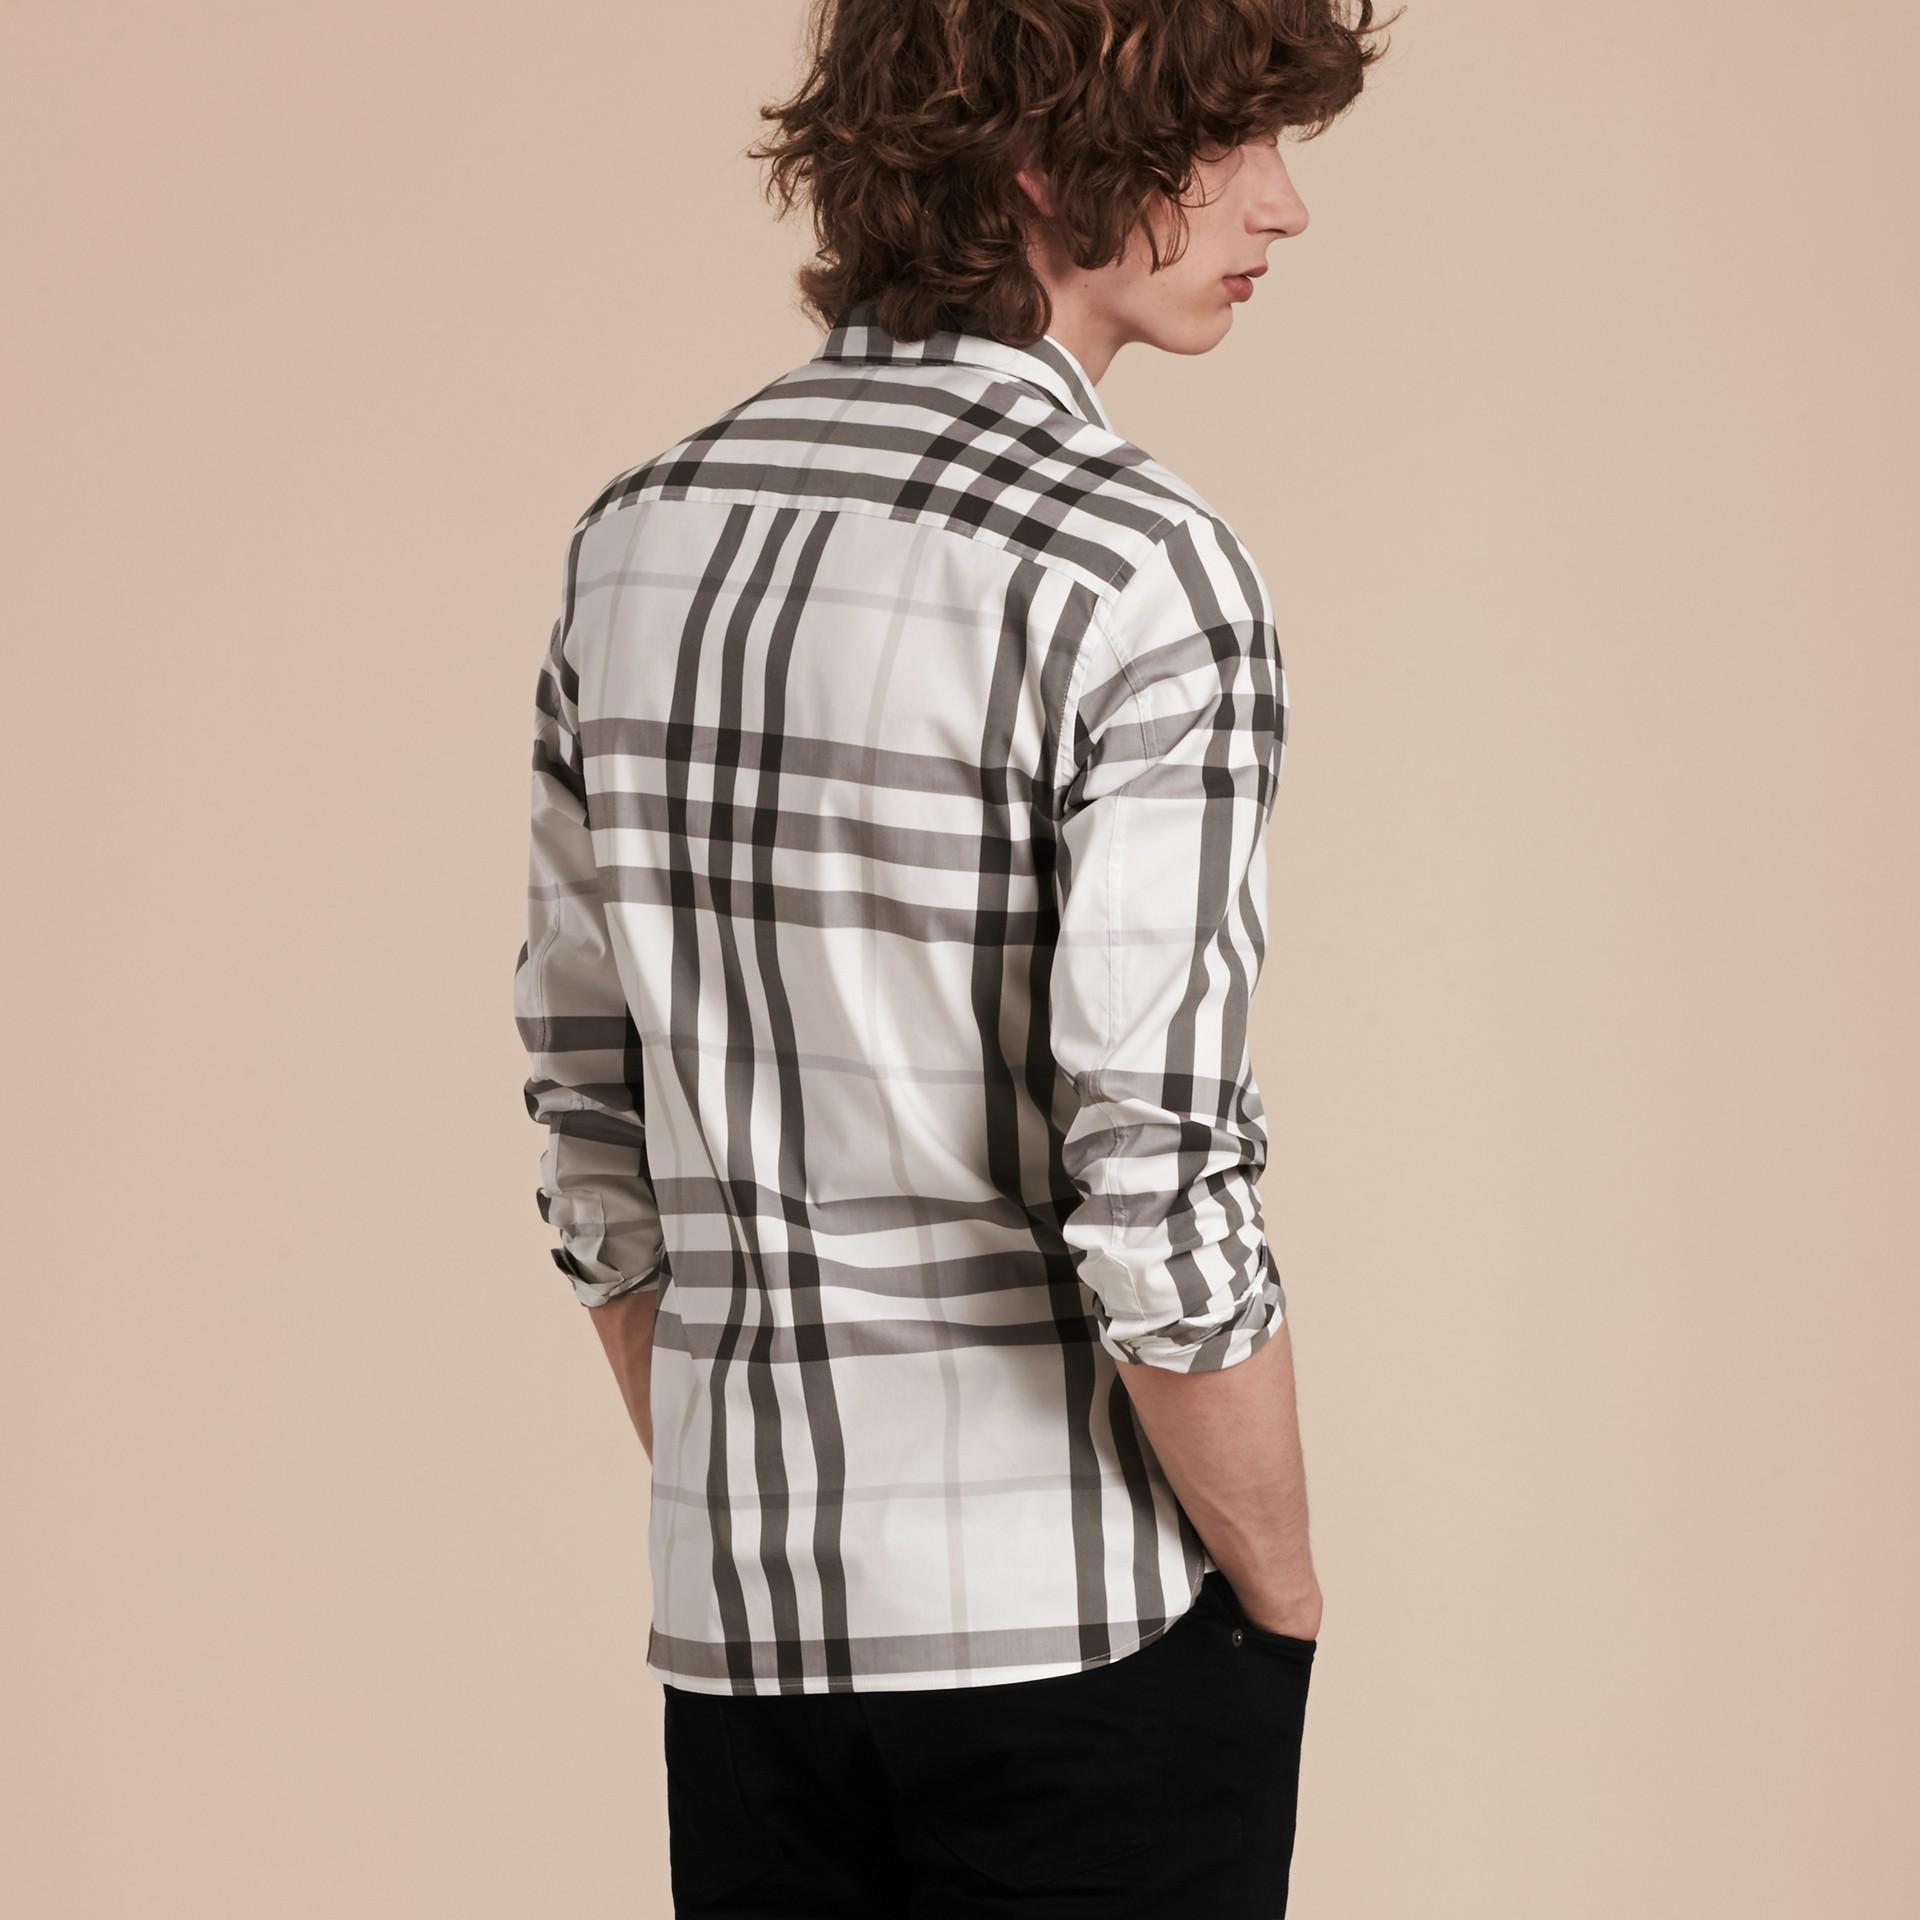 Bianco naturale Camicia in cotone stretch con motivo check Bianco Naturale - immagine della galleria 1